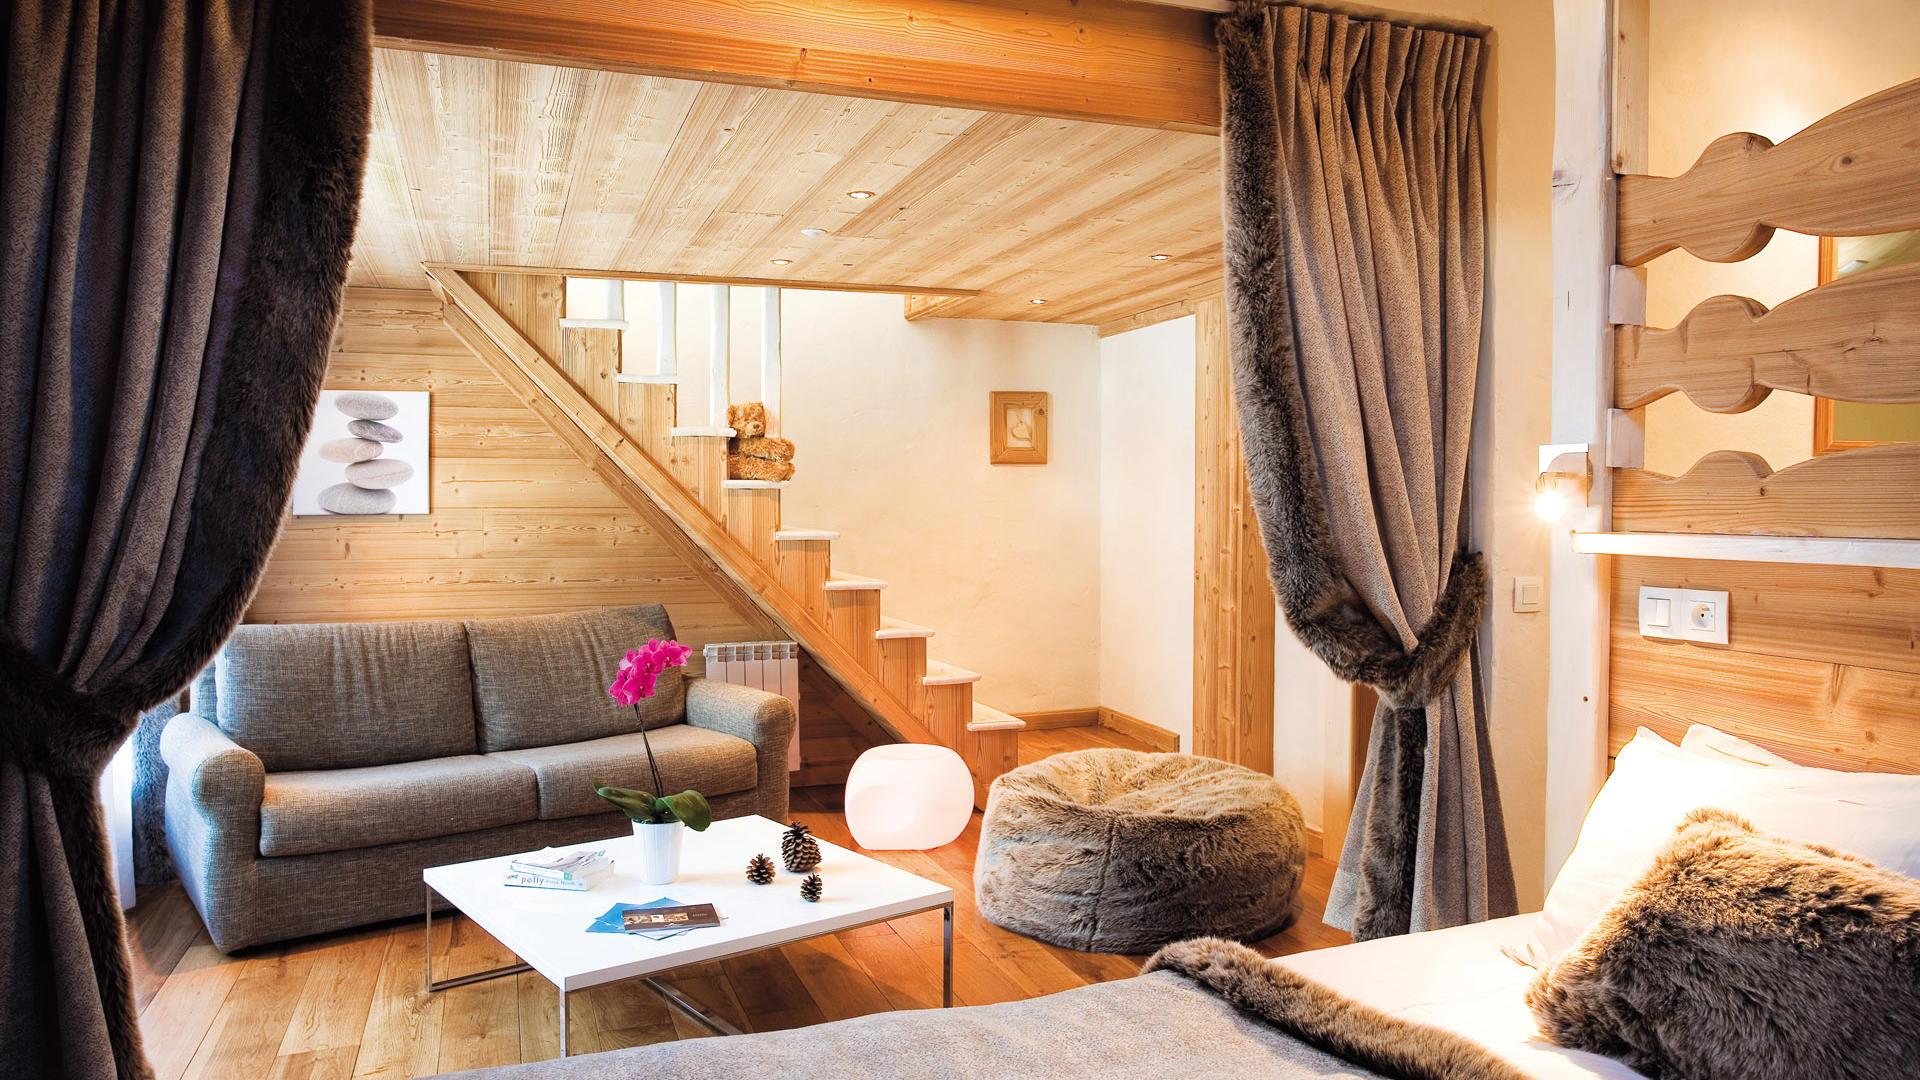 Suite at Chalet Hôtel La Chemenaz in Les Contamines-Montjoie